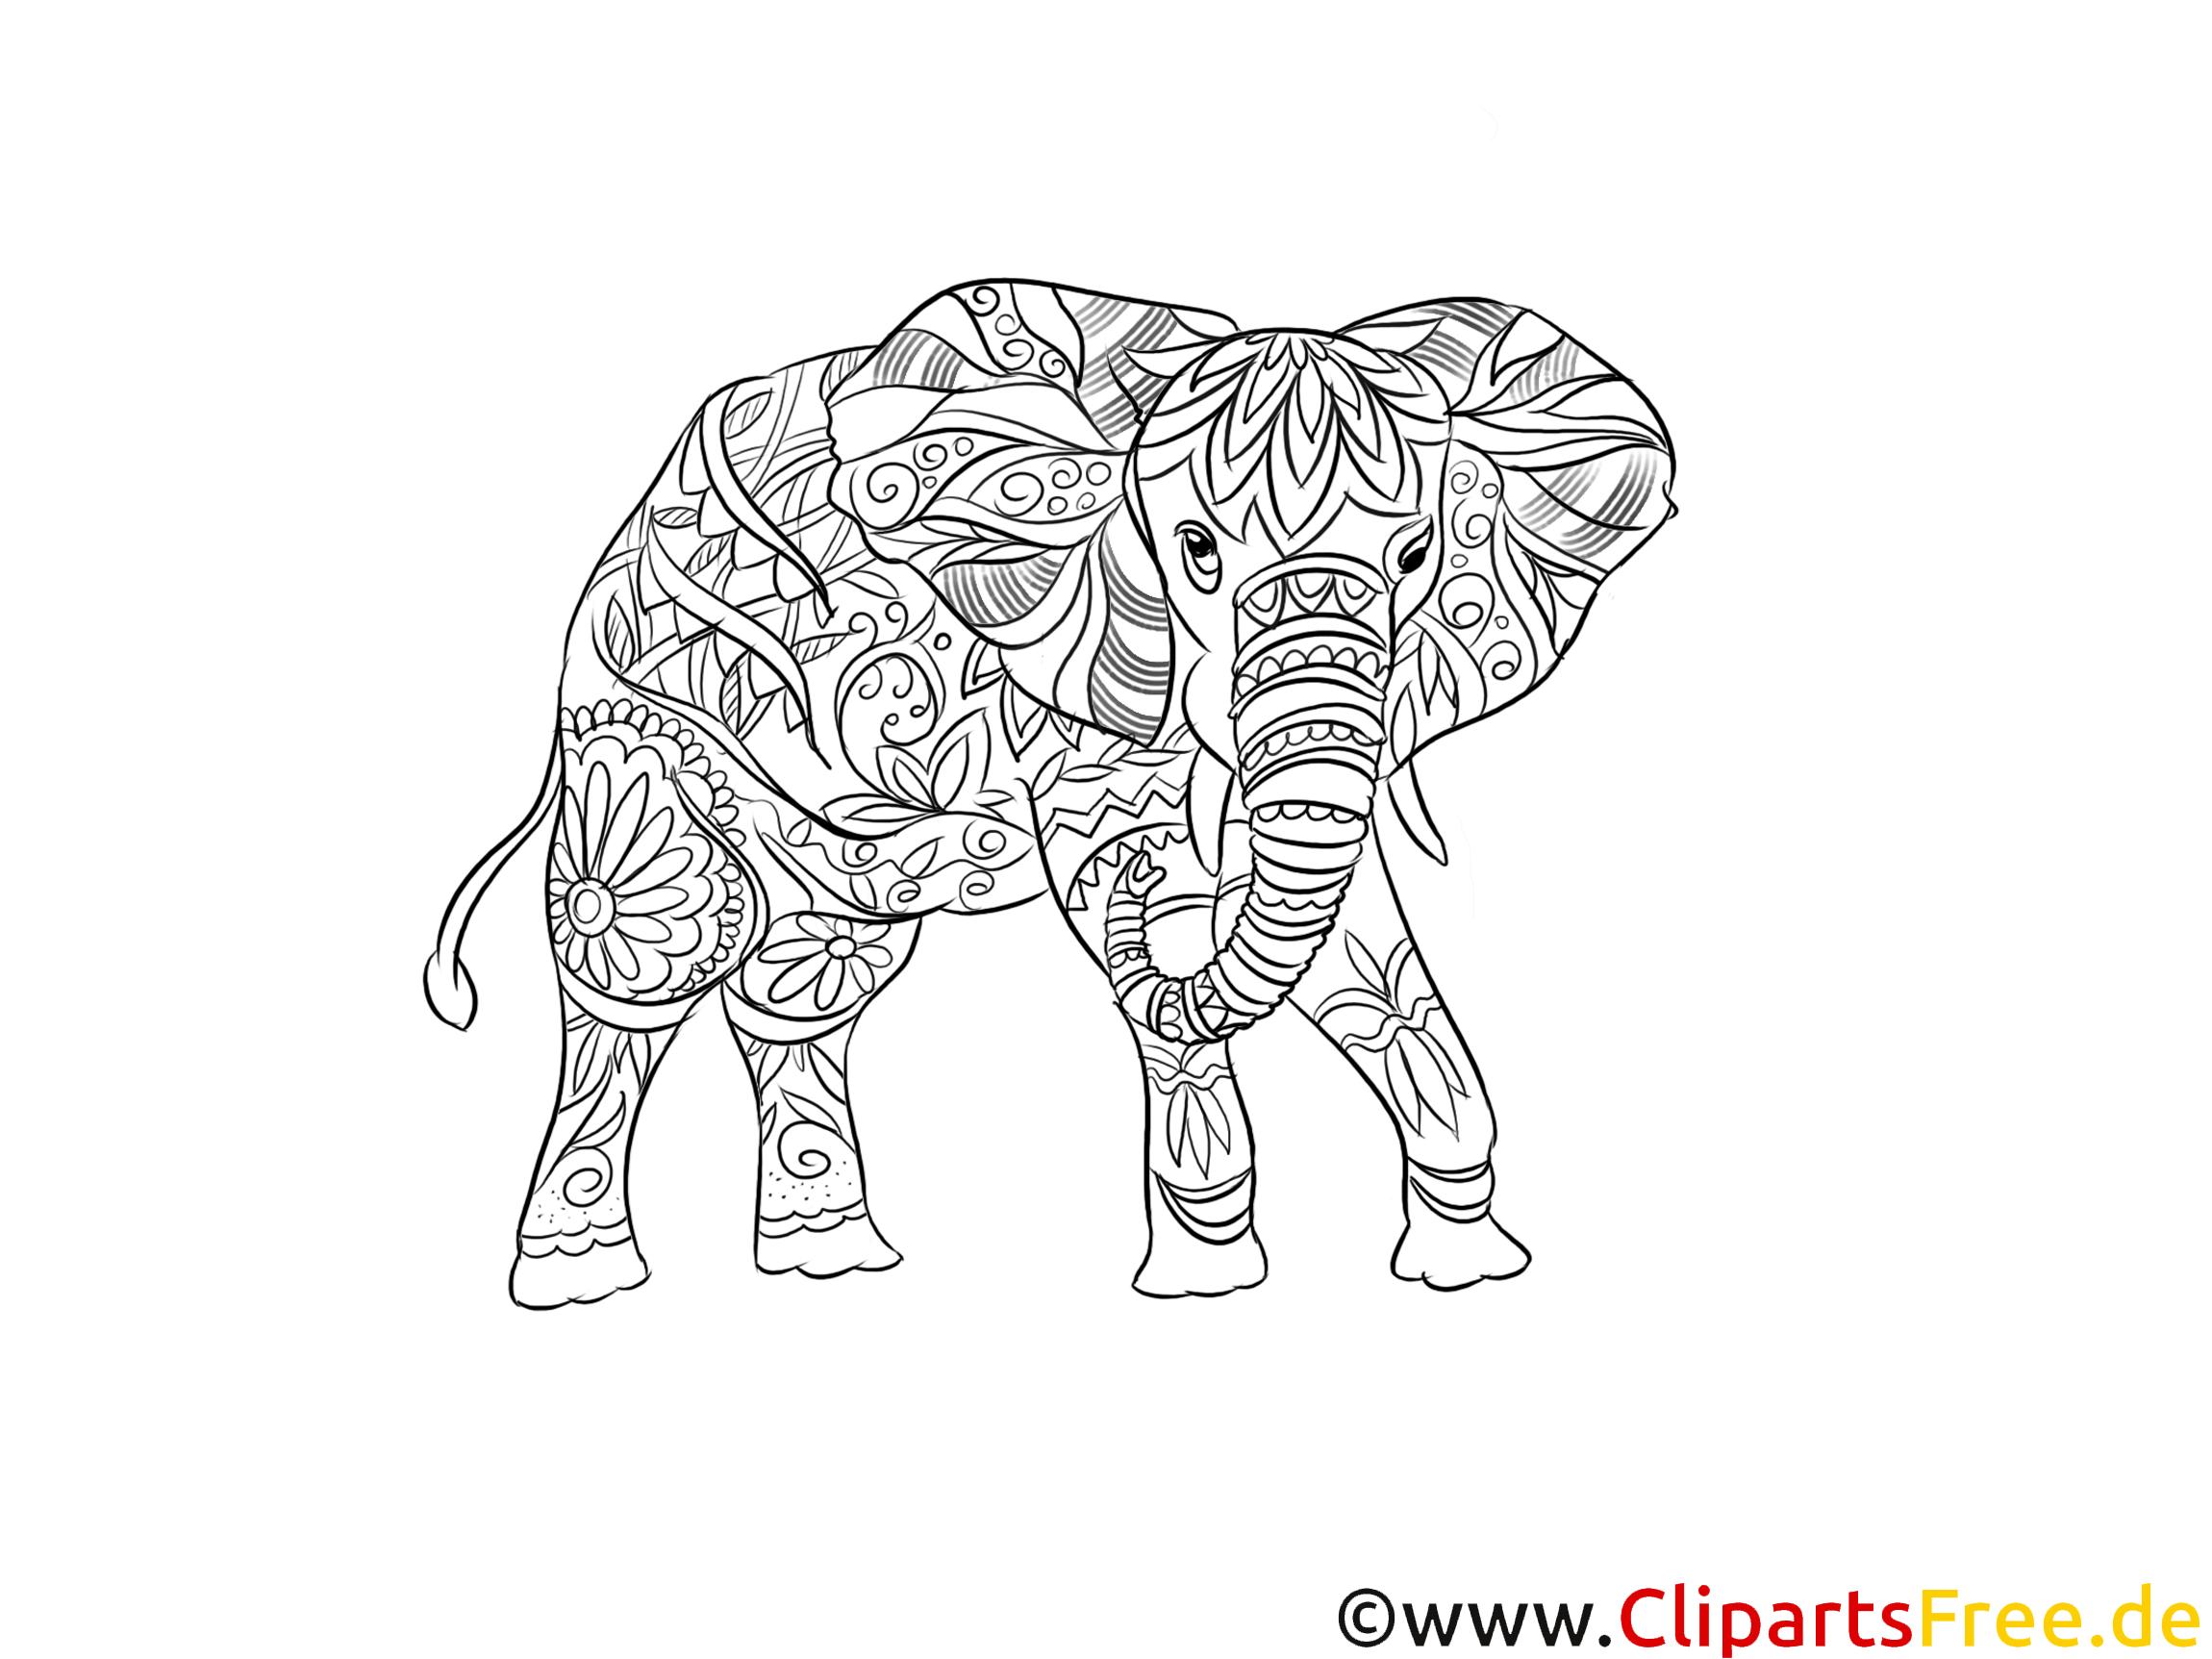 Kostenlose Druckvorlage Elefant Für Erwachsene